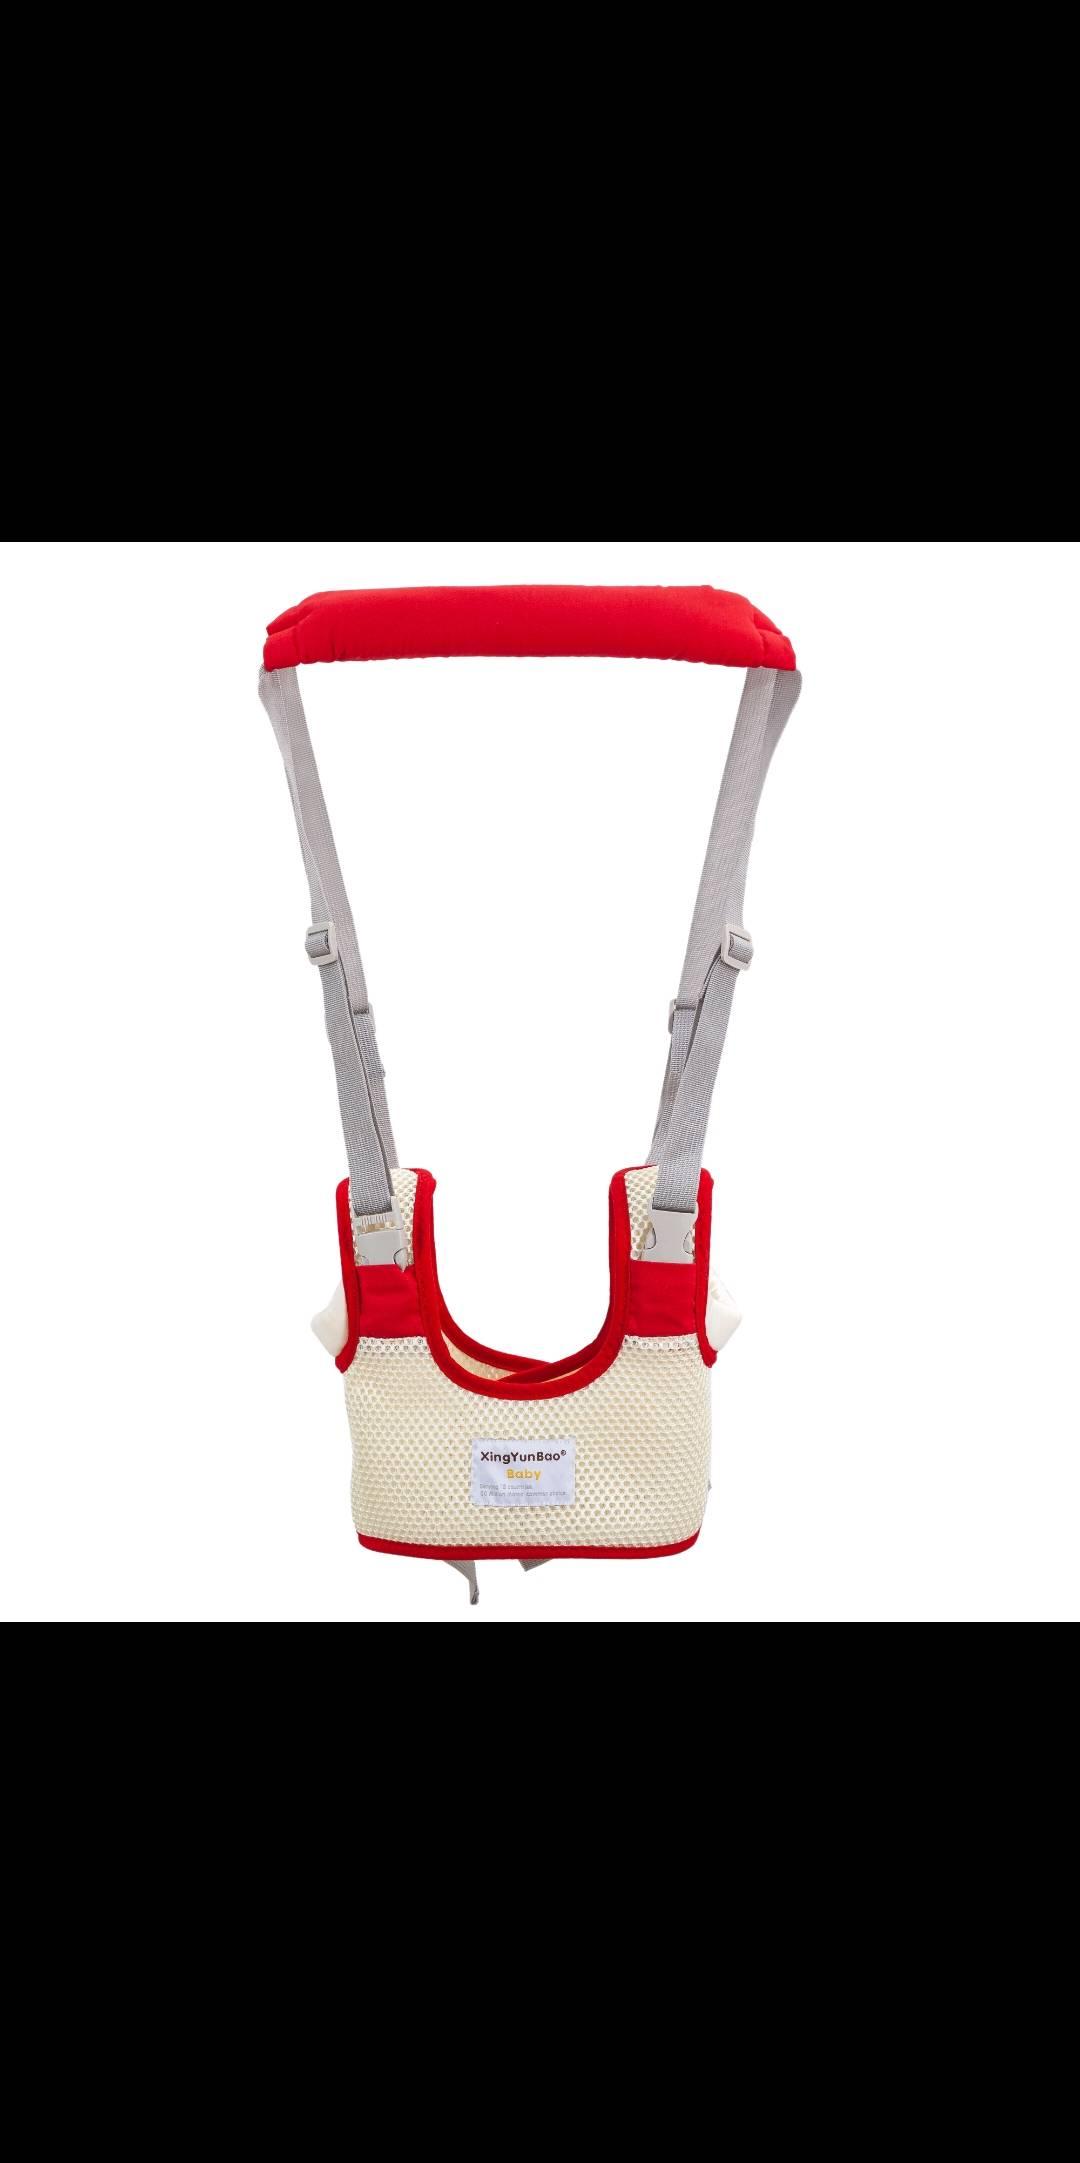 星韵宝学步带多功能透气婴儿马甲式学步带夏季提篮式透气学步带